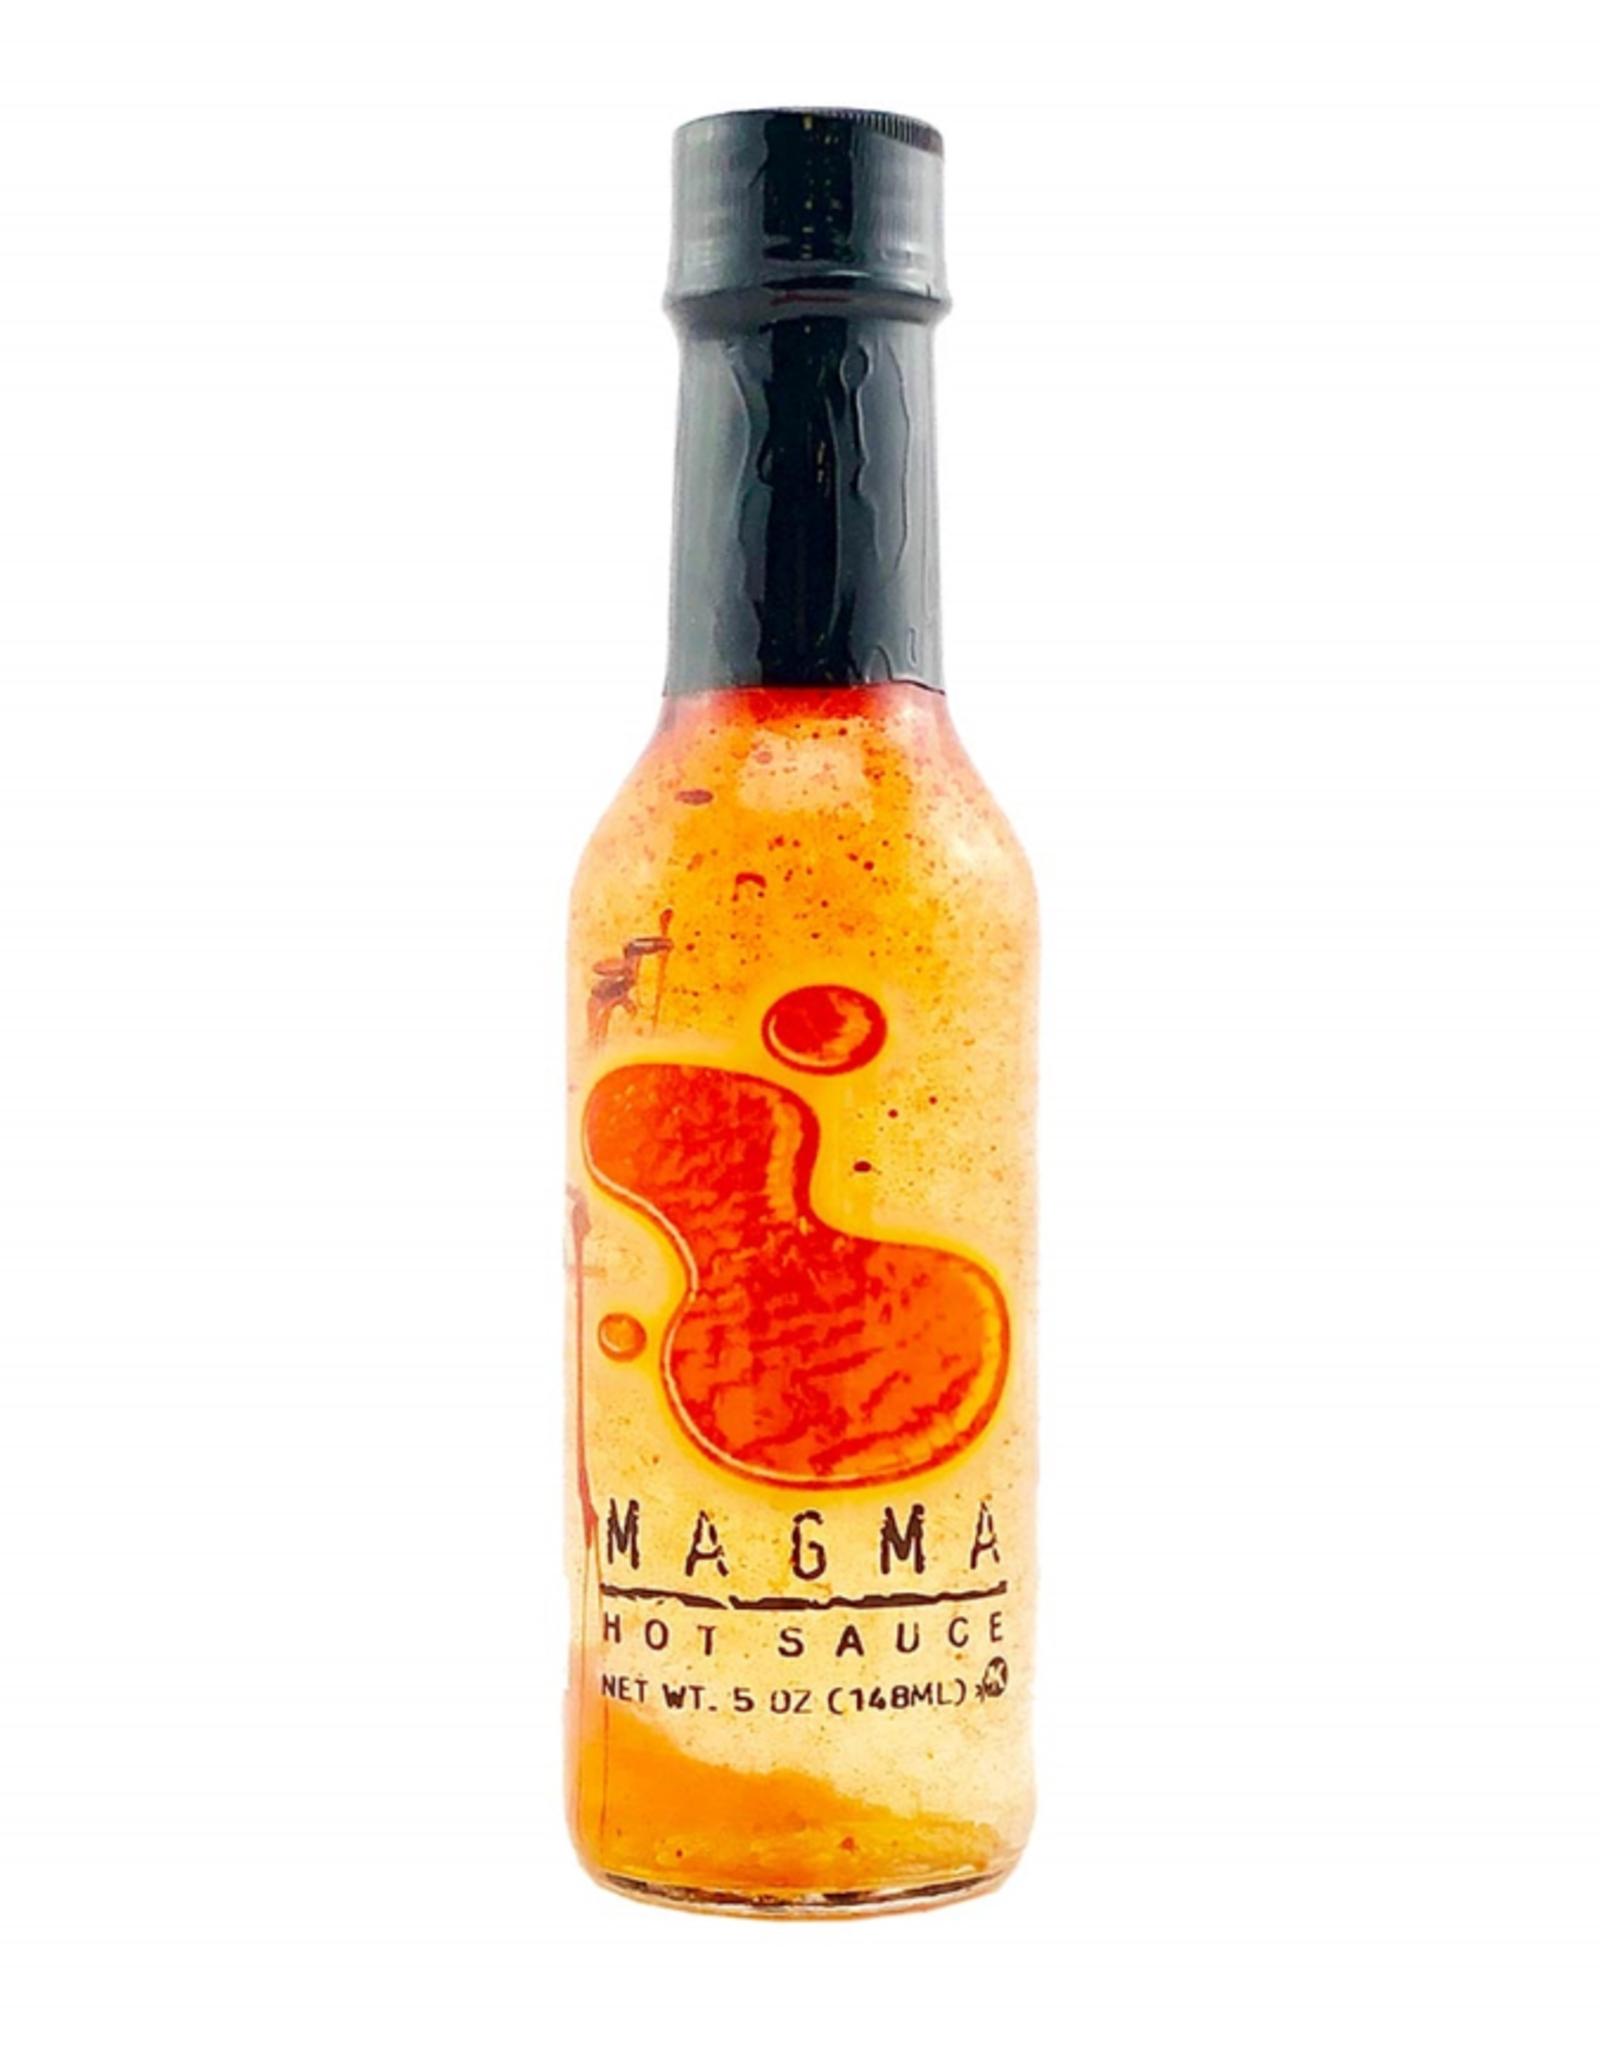 Magma Hot Sauce